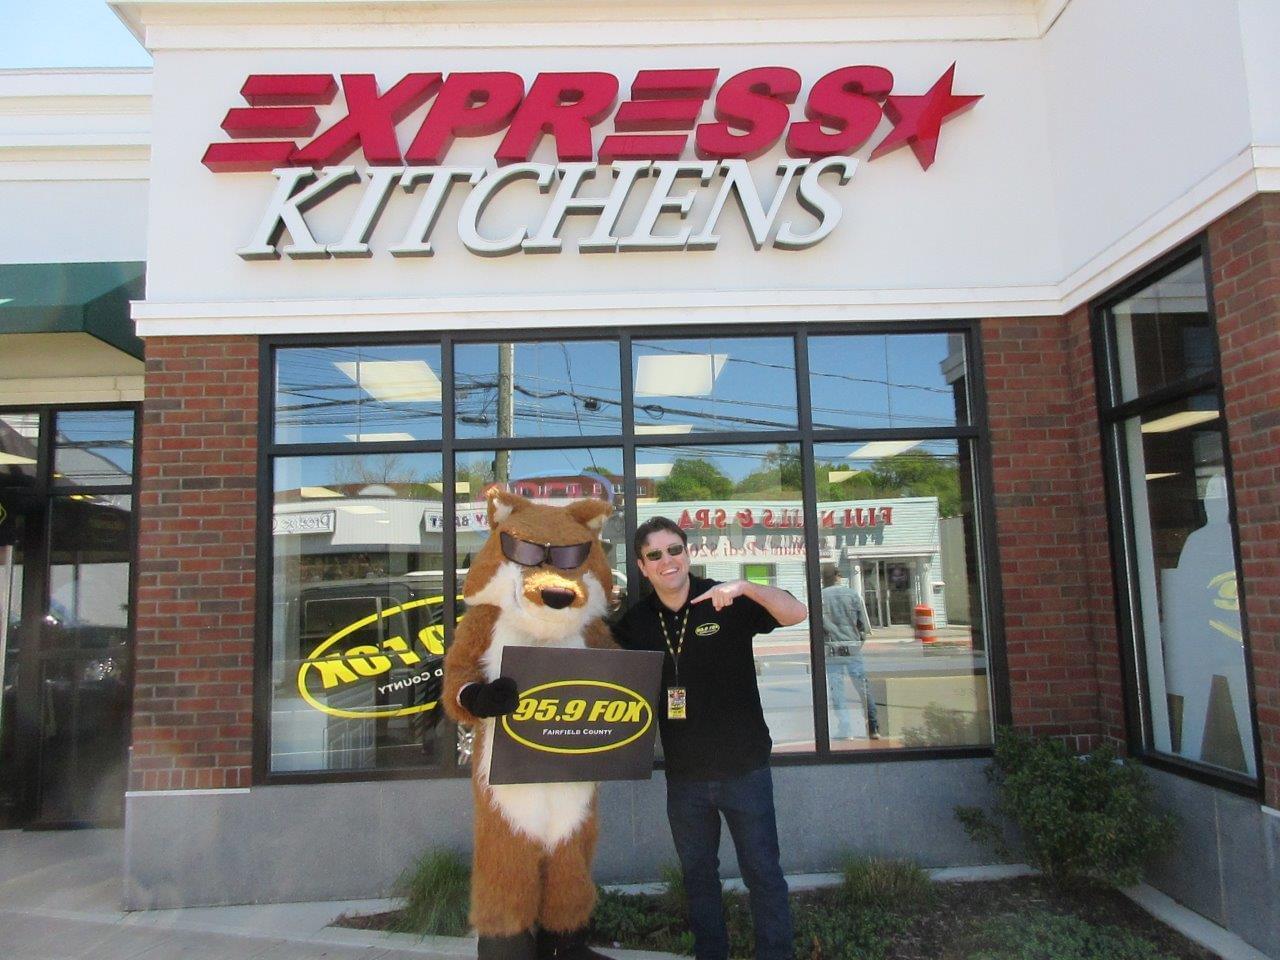 Express Kitchens 5/11/19